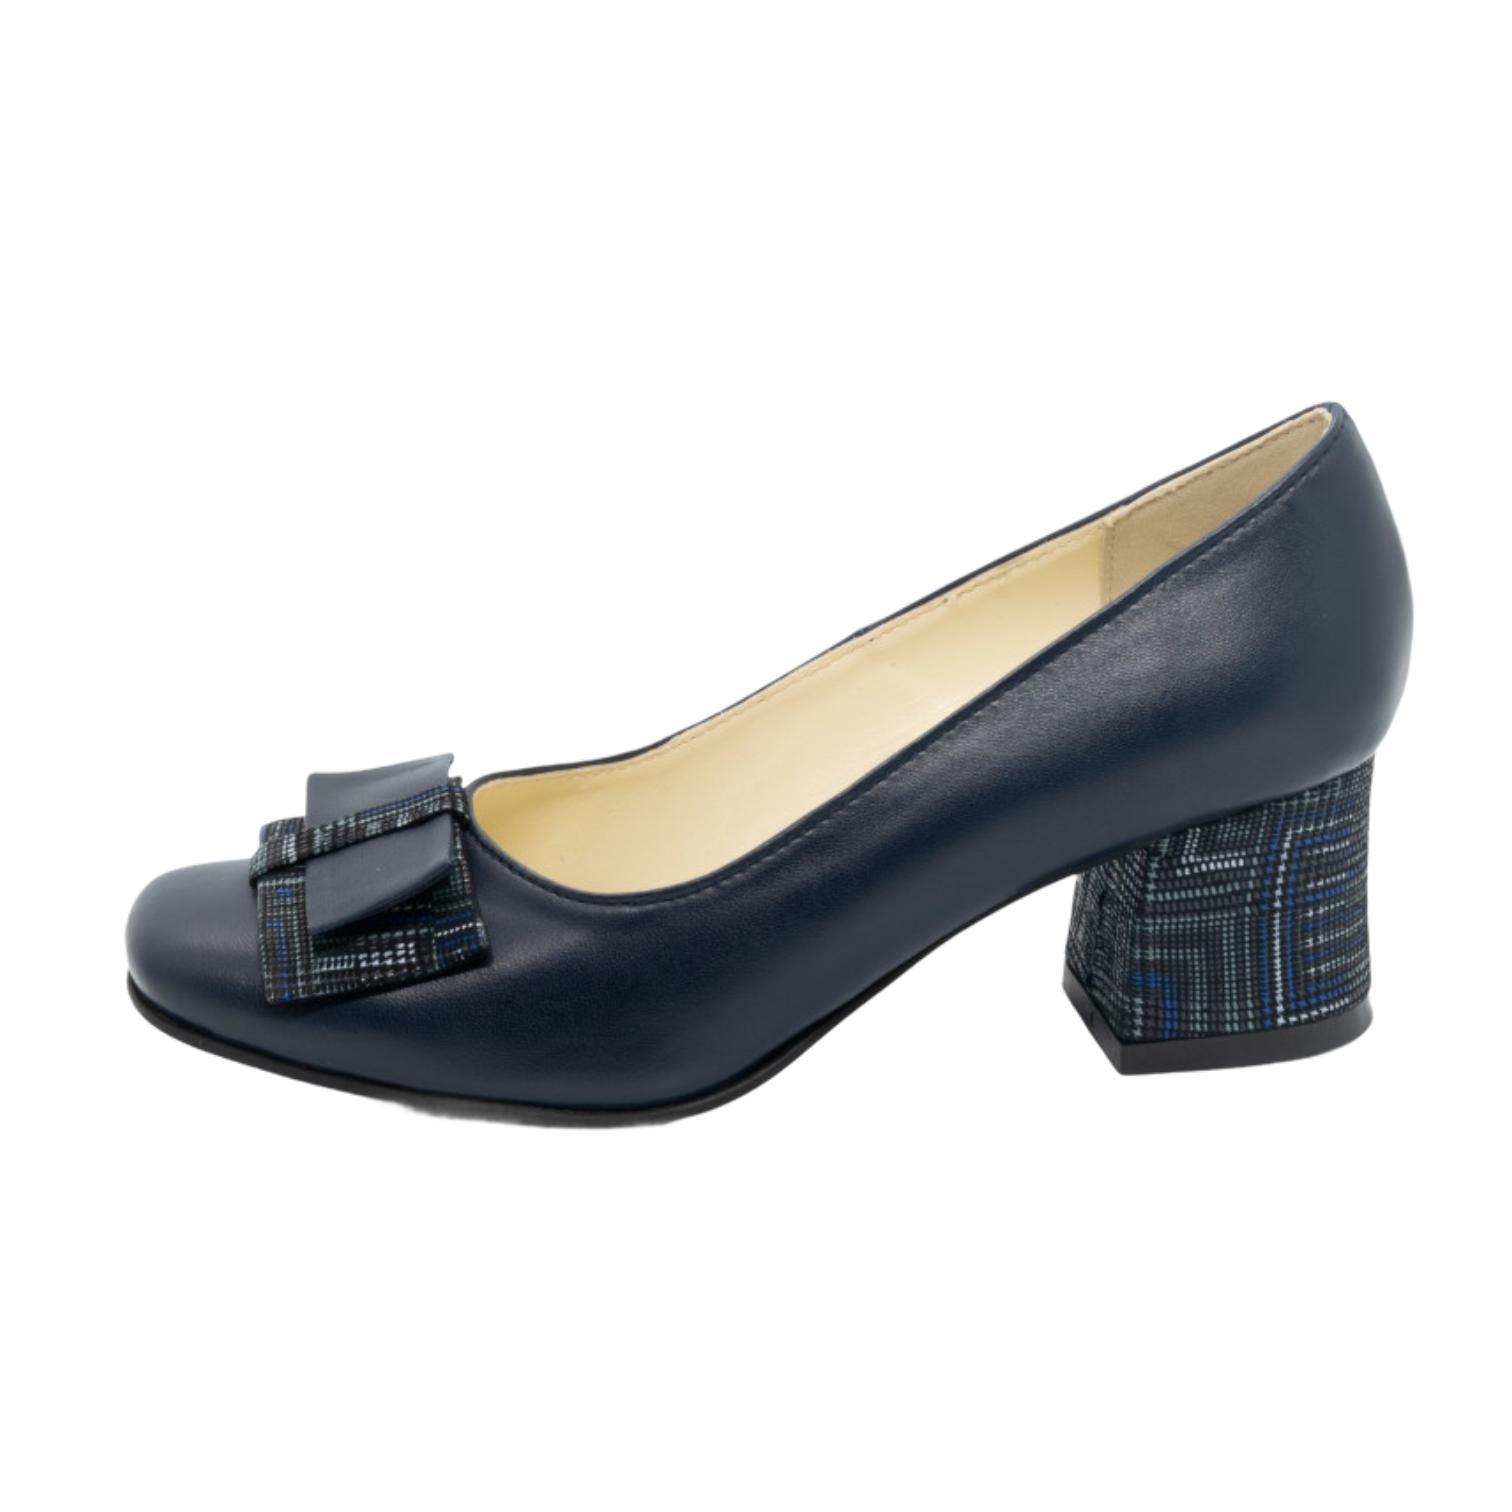 Pantofi bleumarin cu fundita si toc cu model abstract